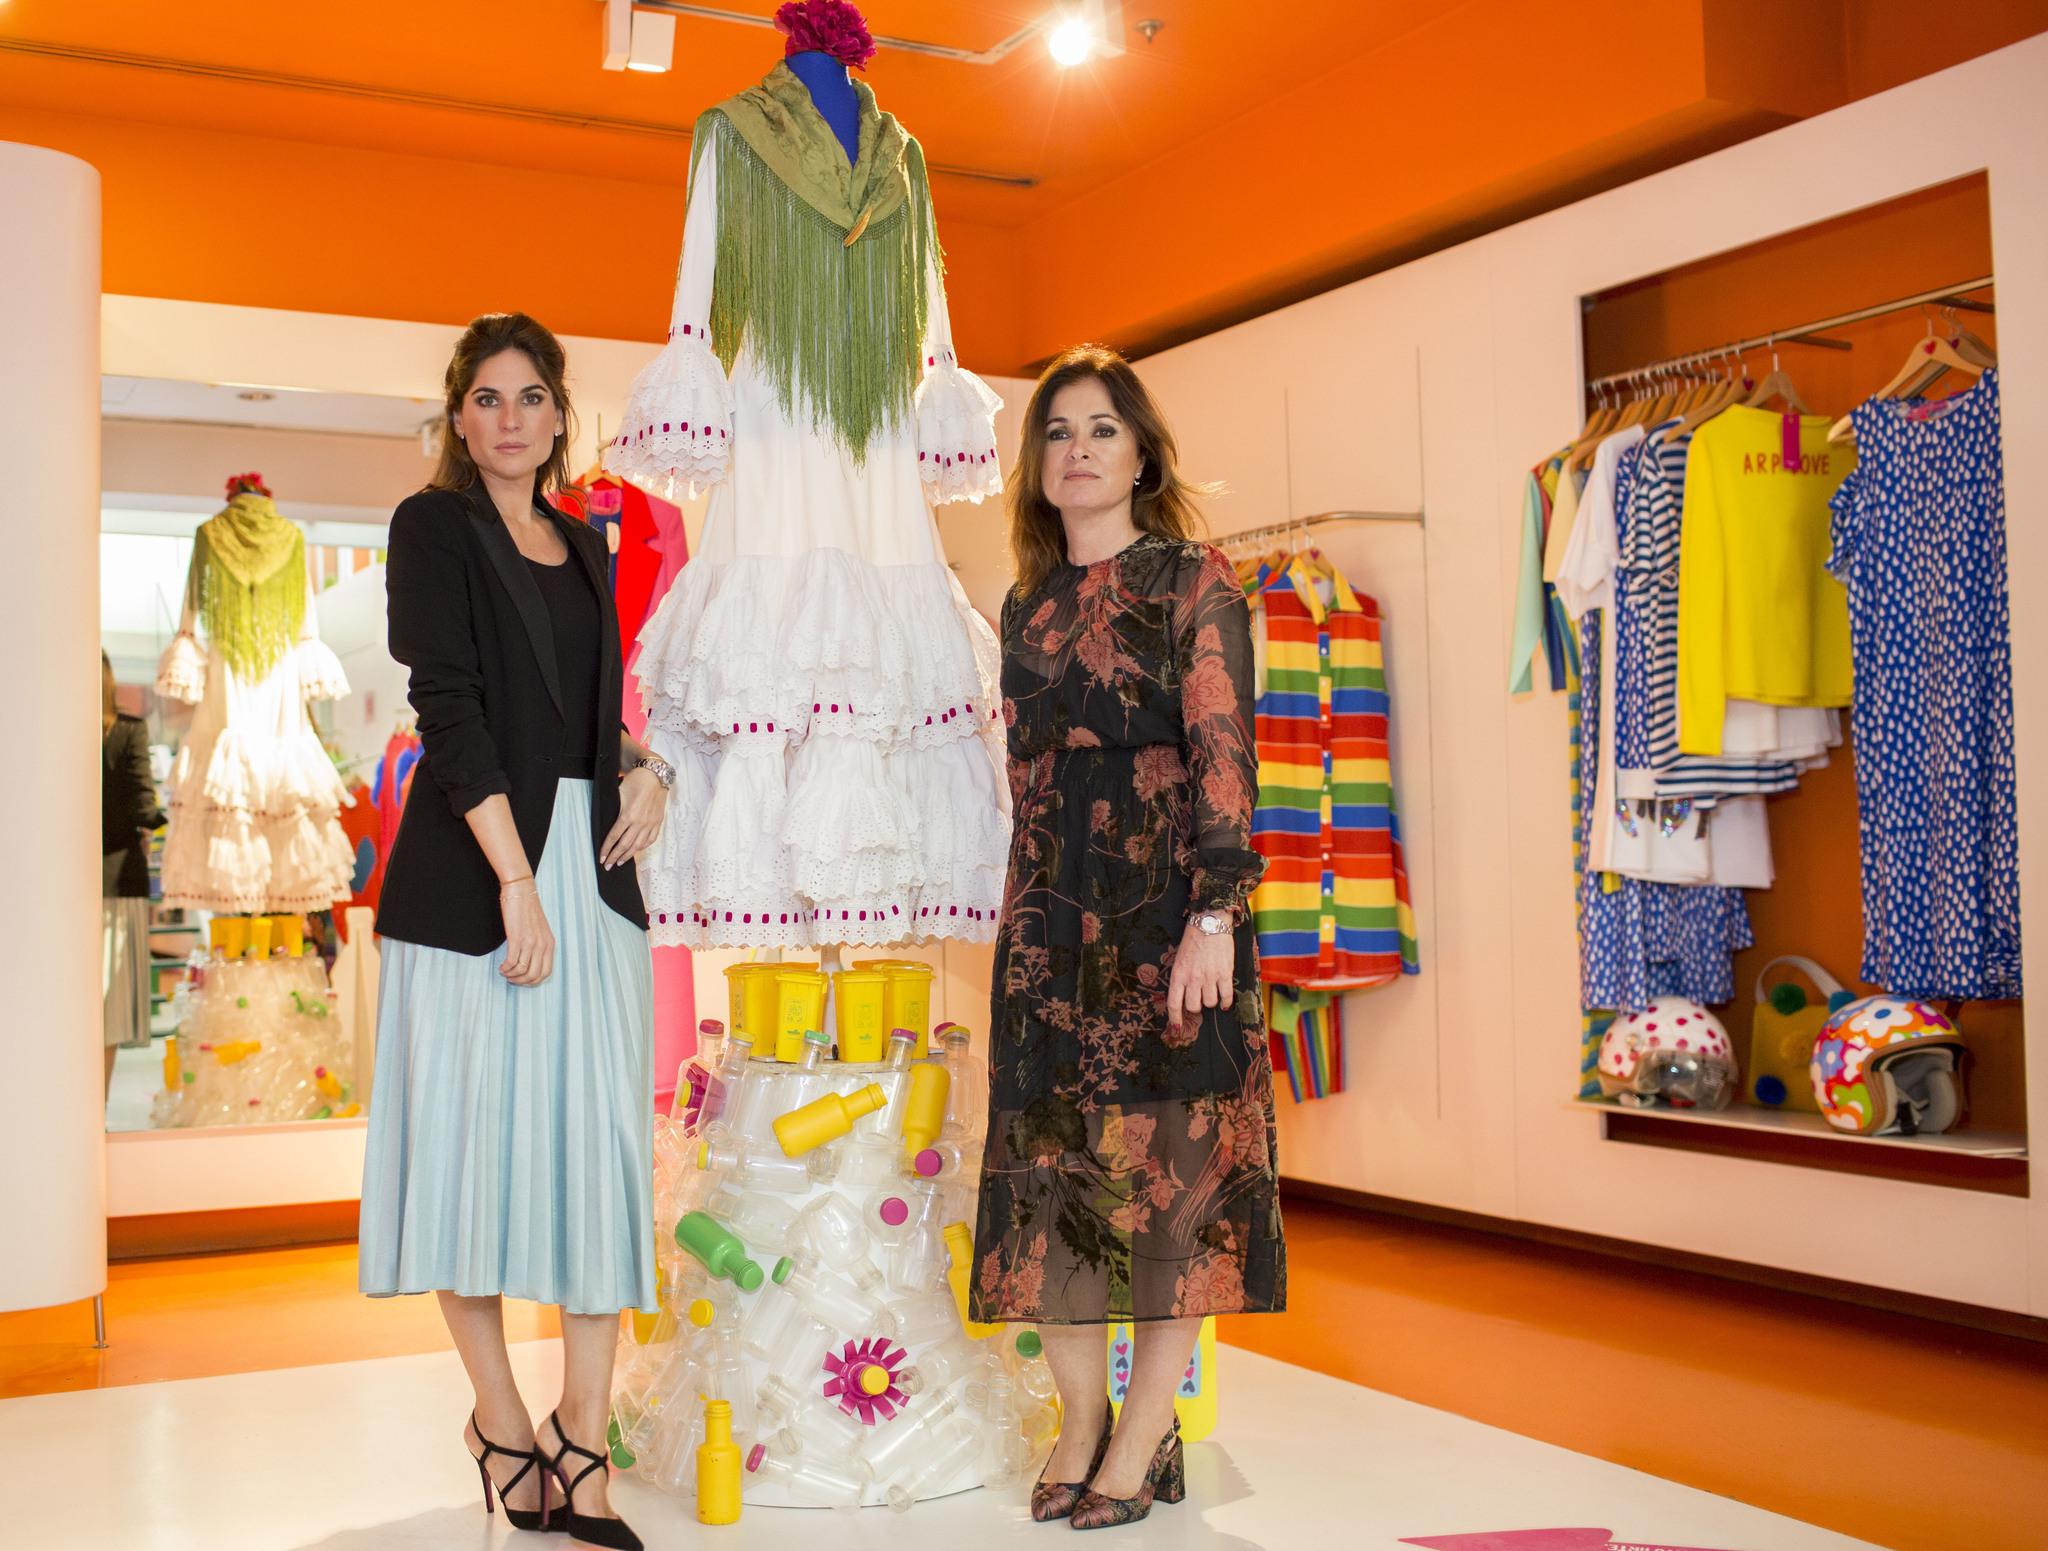 c202d1d2f Las diseñadoras Lourdes Montes y Rocío Terry junto a su creación  Reflejos  by Ecoembes  Sergio González